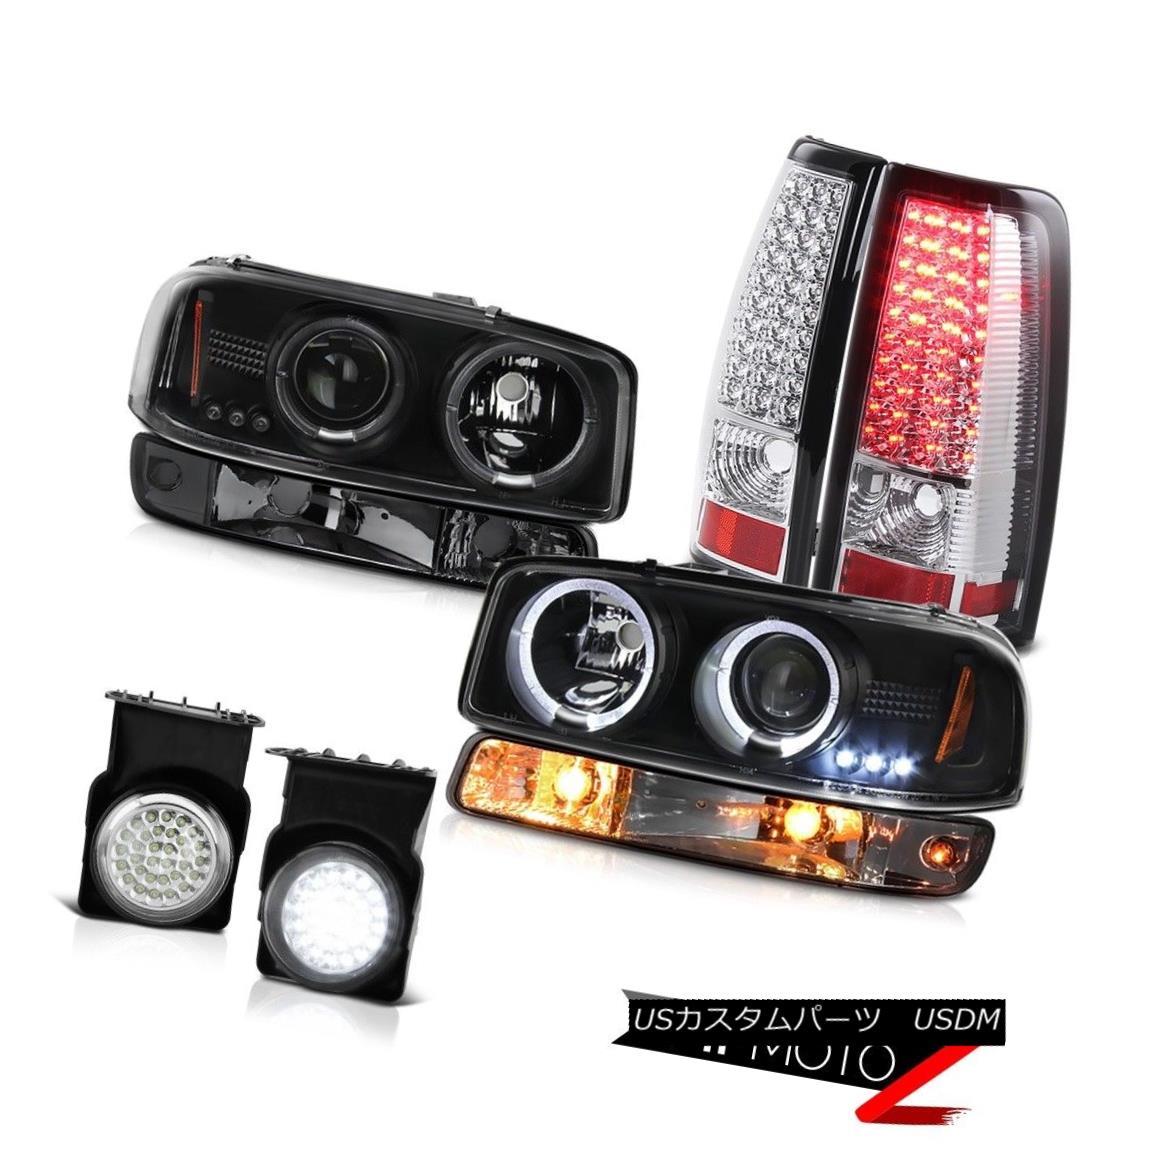 テールライト 03-06 Sierra WT Fog lights smd parking brake light nighthawk Black Headlamps 03-06シエラWTフォグライトsmdパーキングブレーキライトナイトホークブラックヘッドランプ